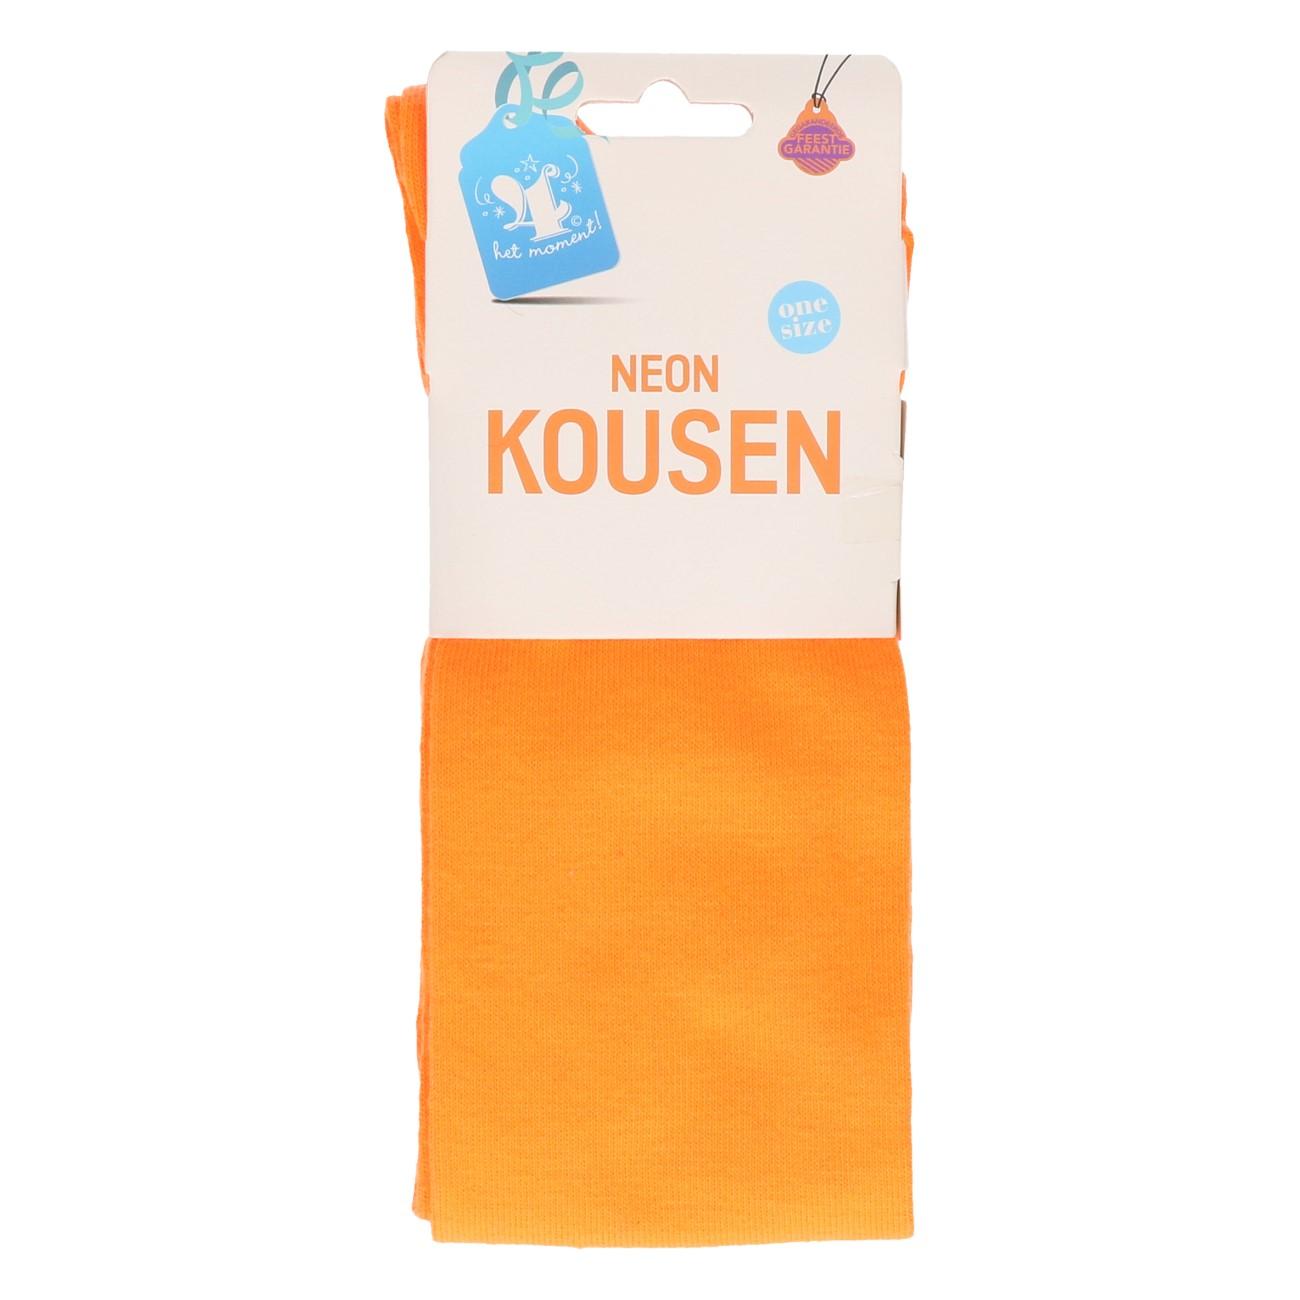 Kousen neon oranje one size